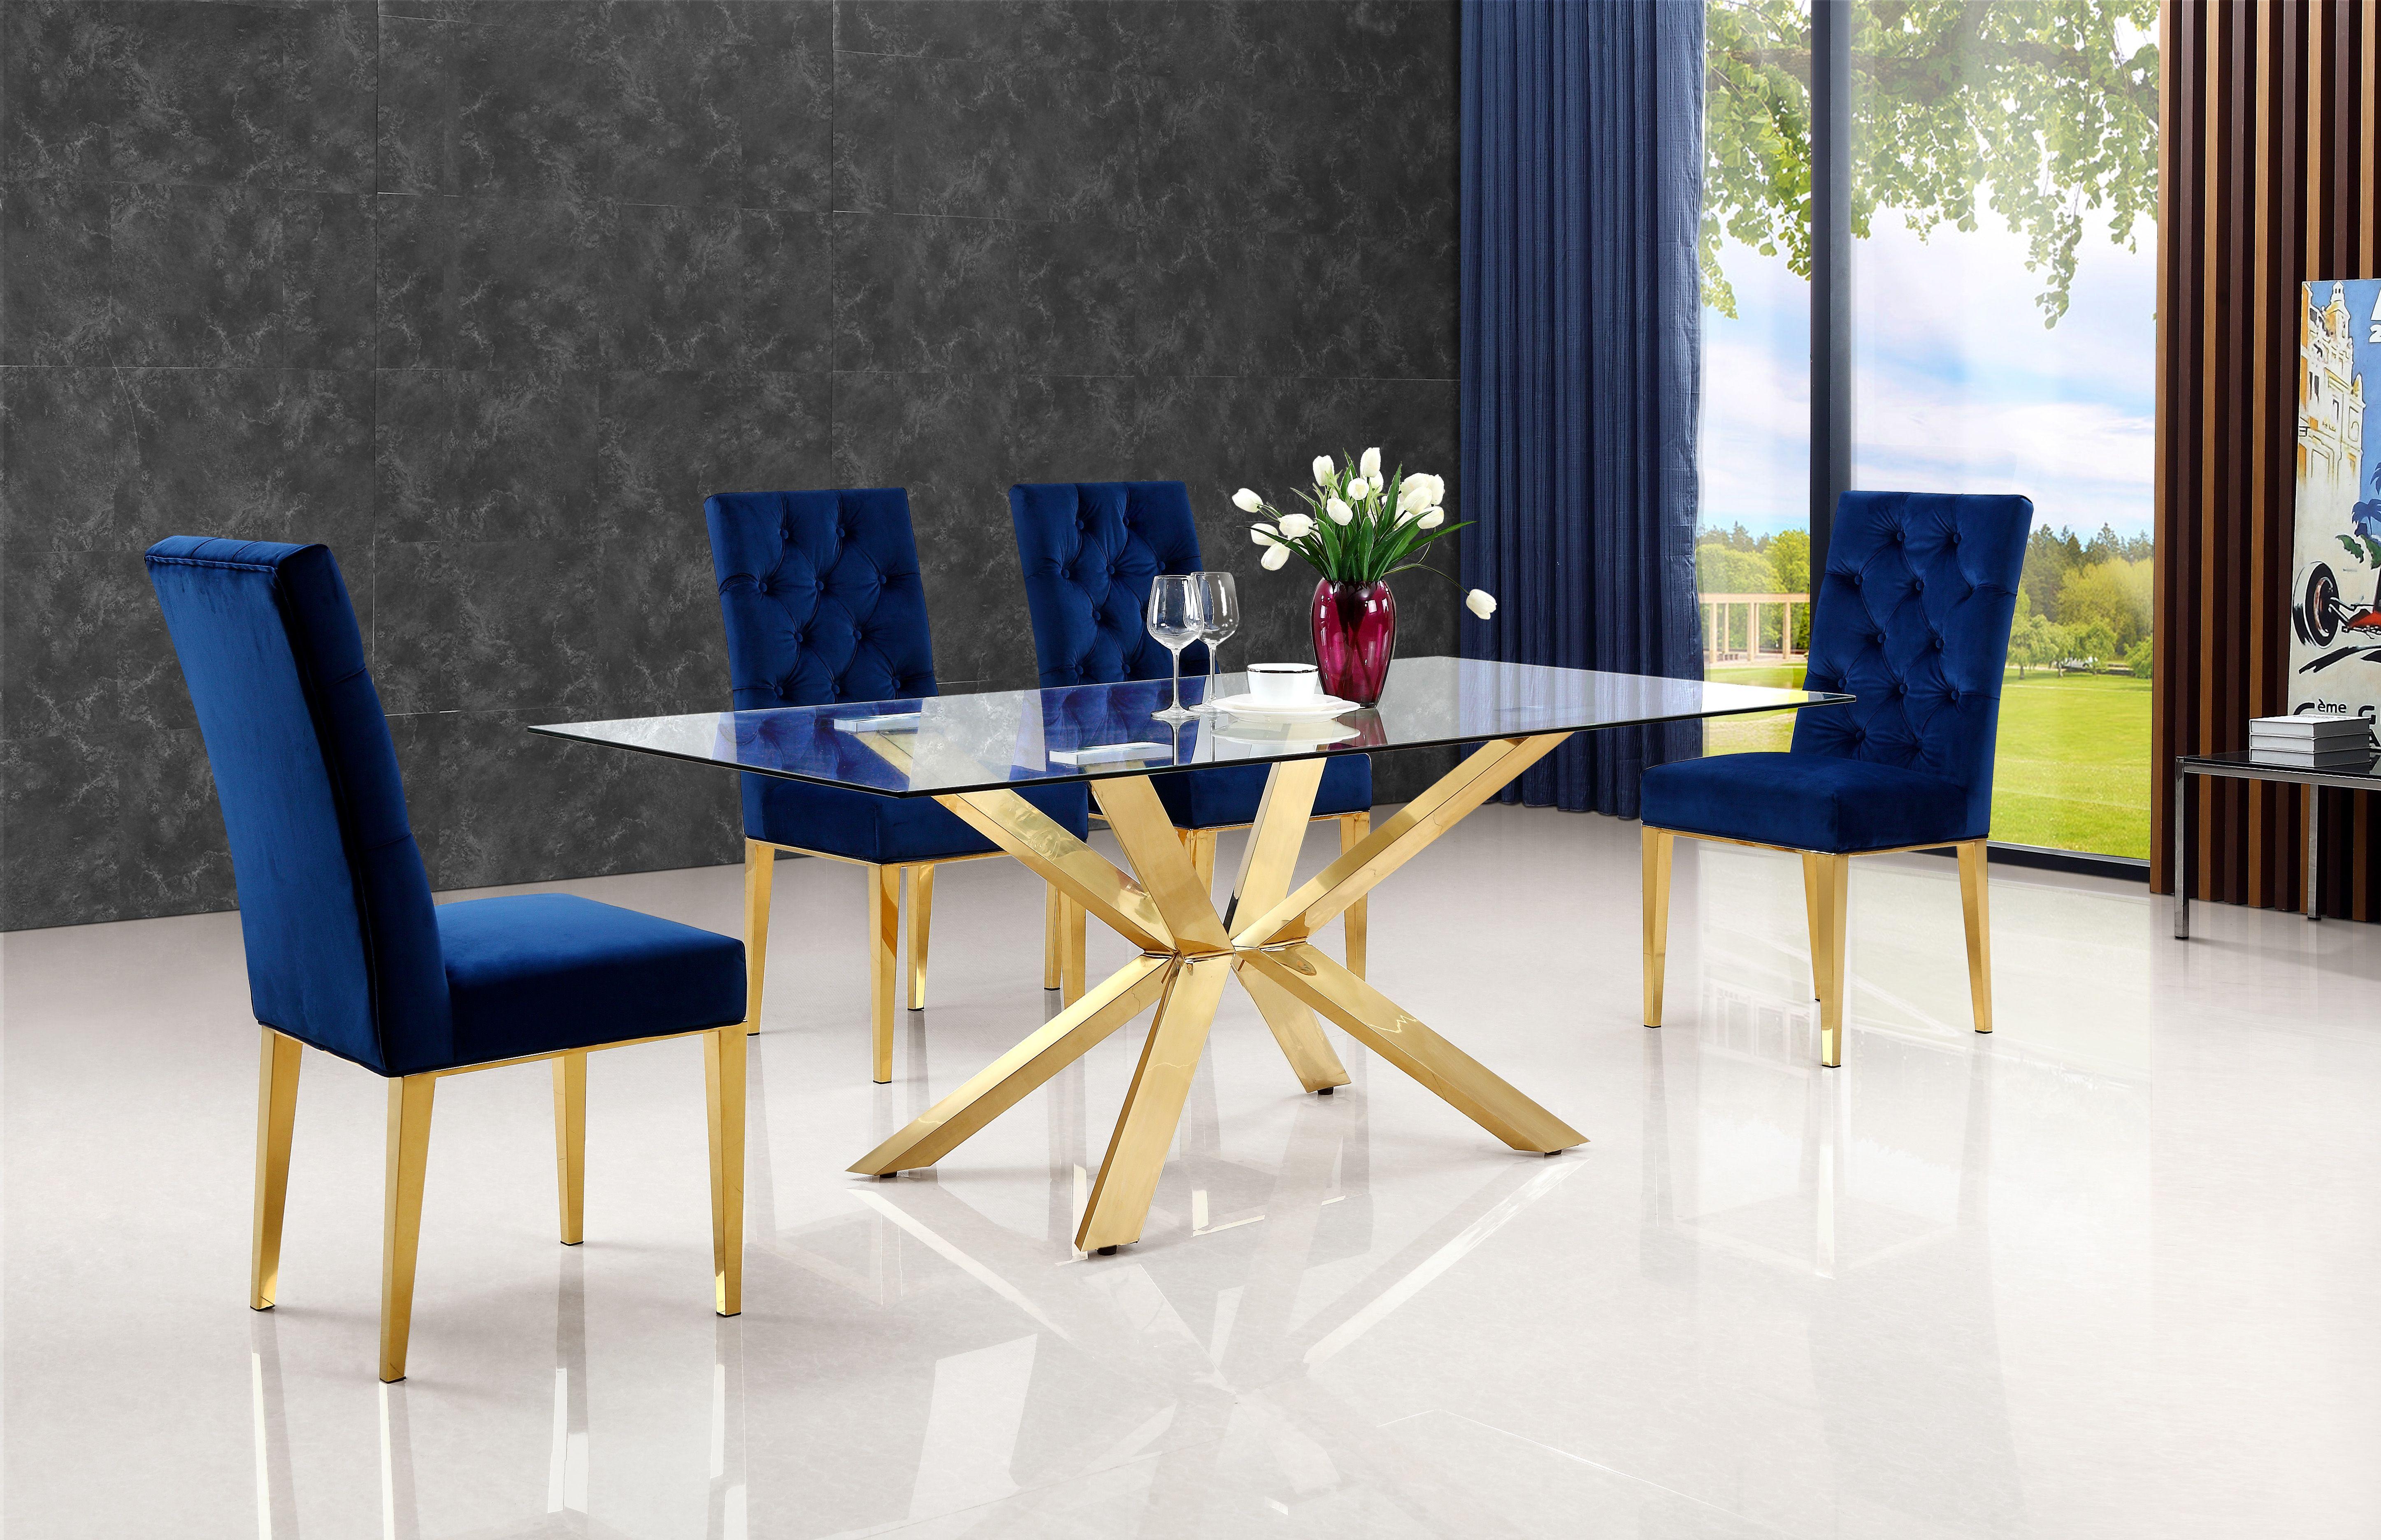 Capri Dining Table Set Meridian Furniture The Capri Dining Table By Meridian Furniture Featuring A Beaut Dining Table Gold Meridian Furniture Dining Table